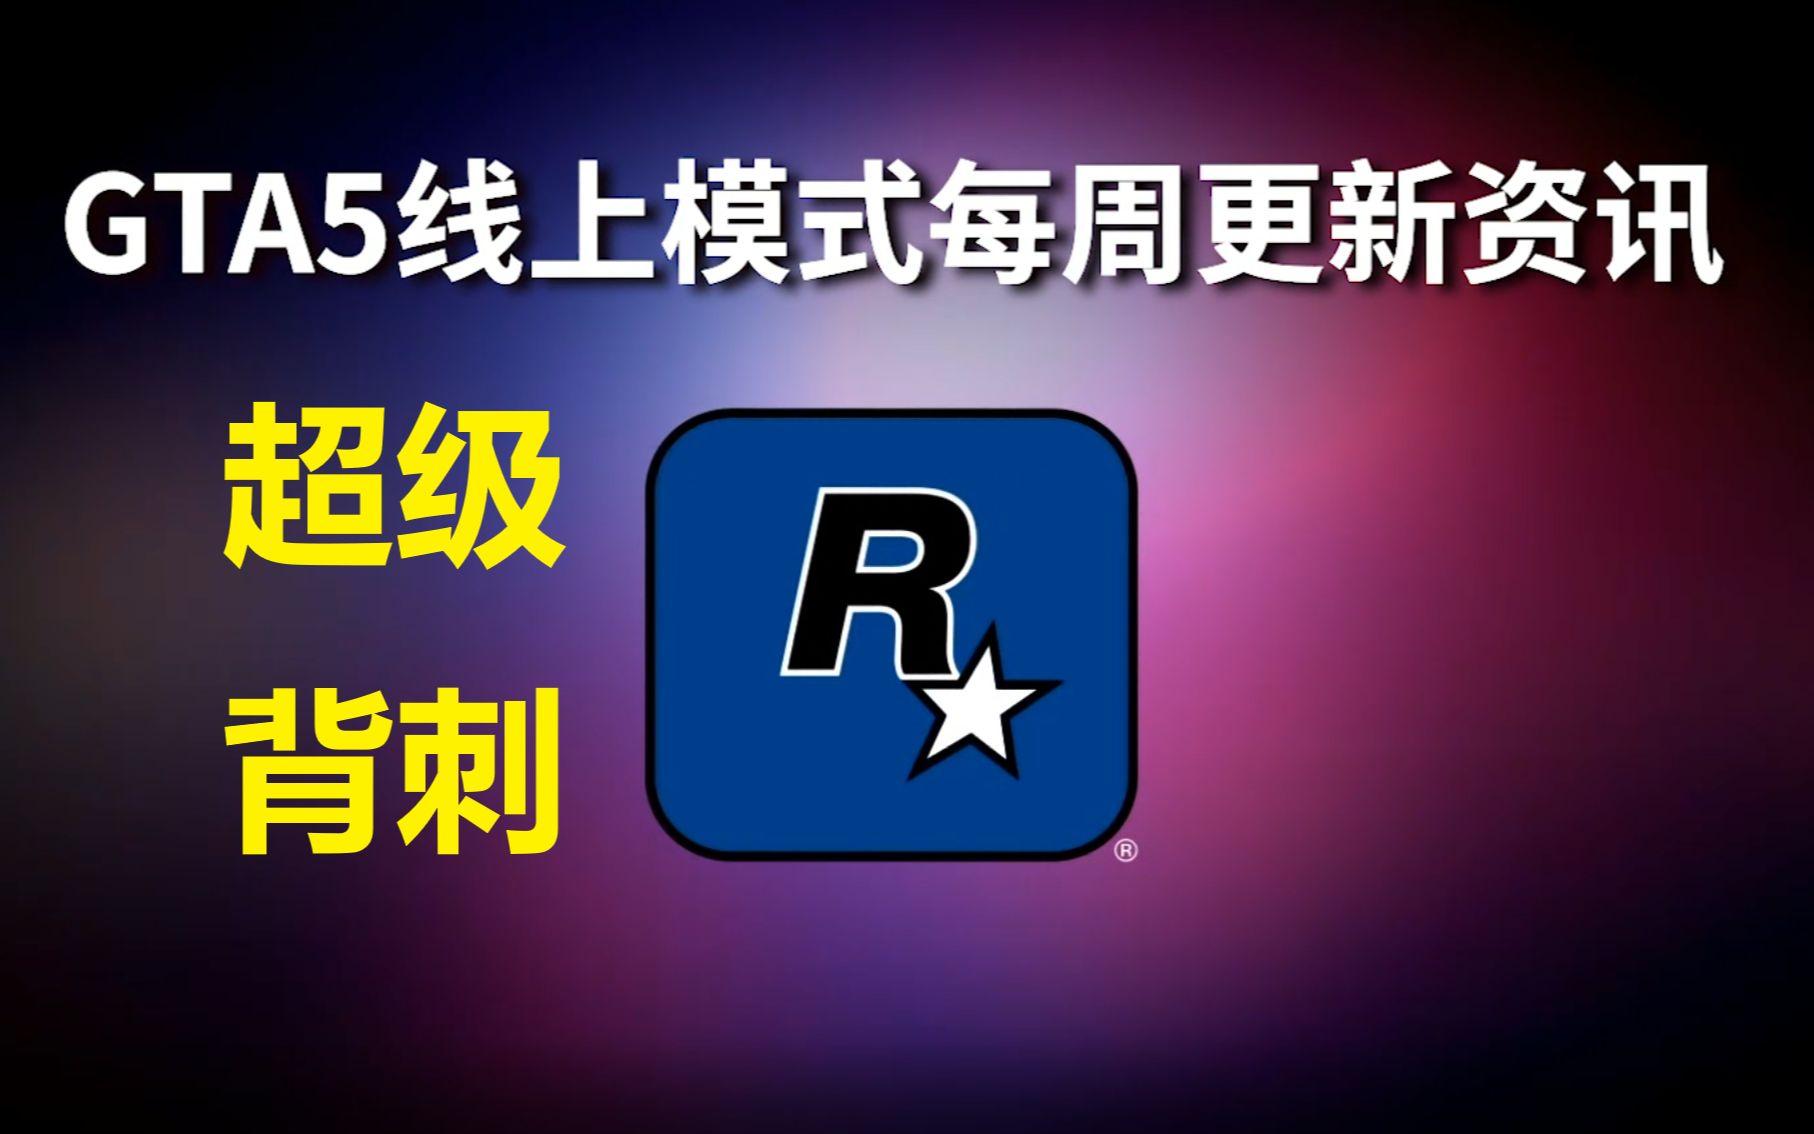 【GTA5】超级背刺 线上模式 1.14-1.20 周更新资讯